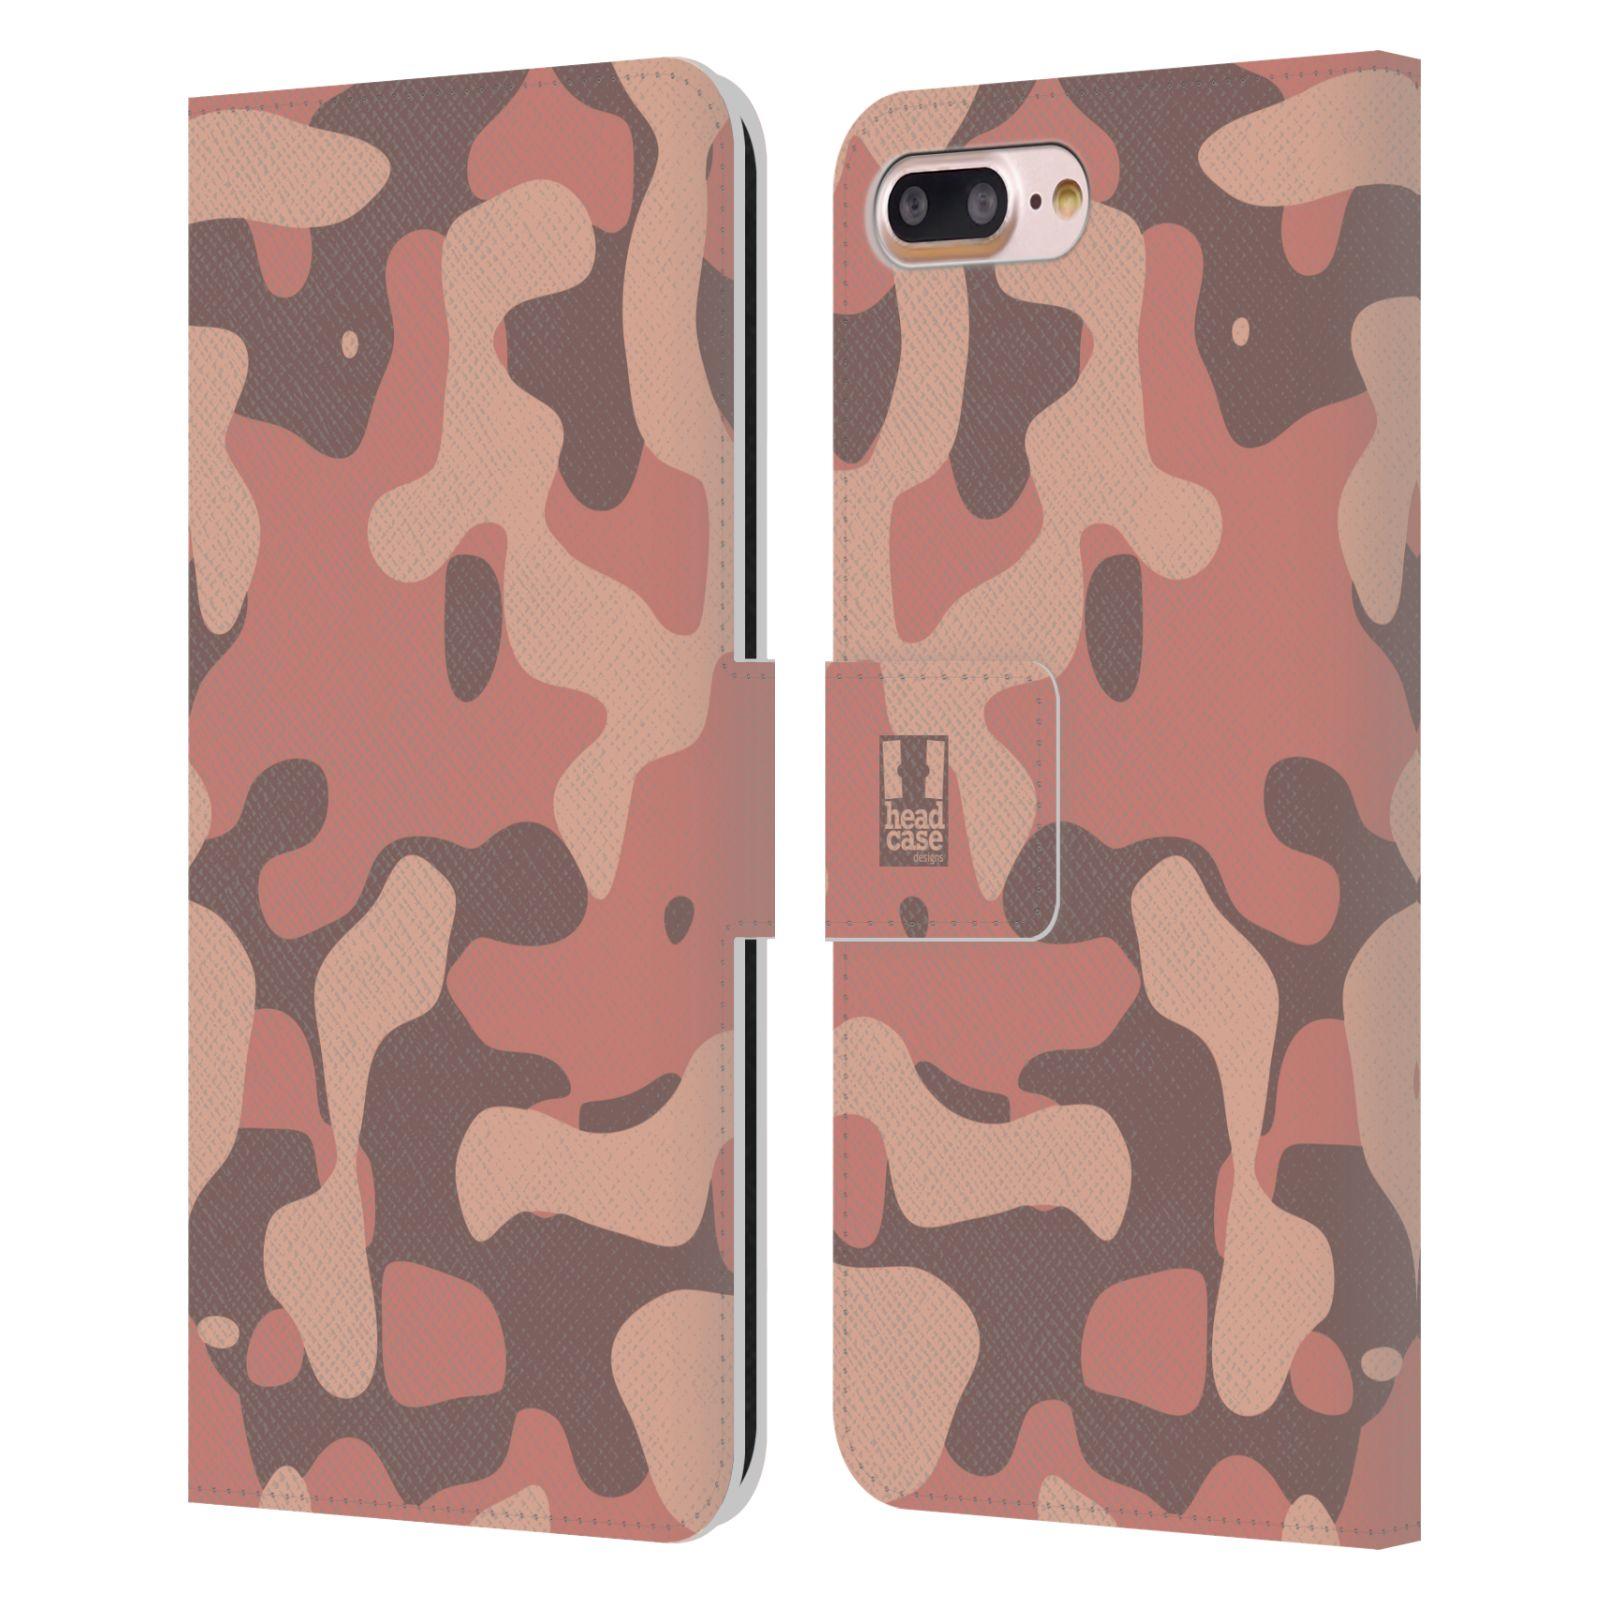 HEAD CASE Flipové pouzdro pro mobil Apple Iphone 7 PLUS / 8 PLUS lehká barevná kamufláž růžová, losos